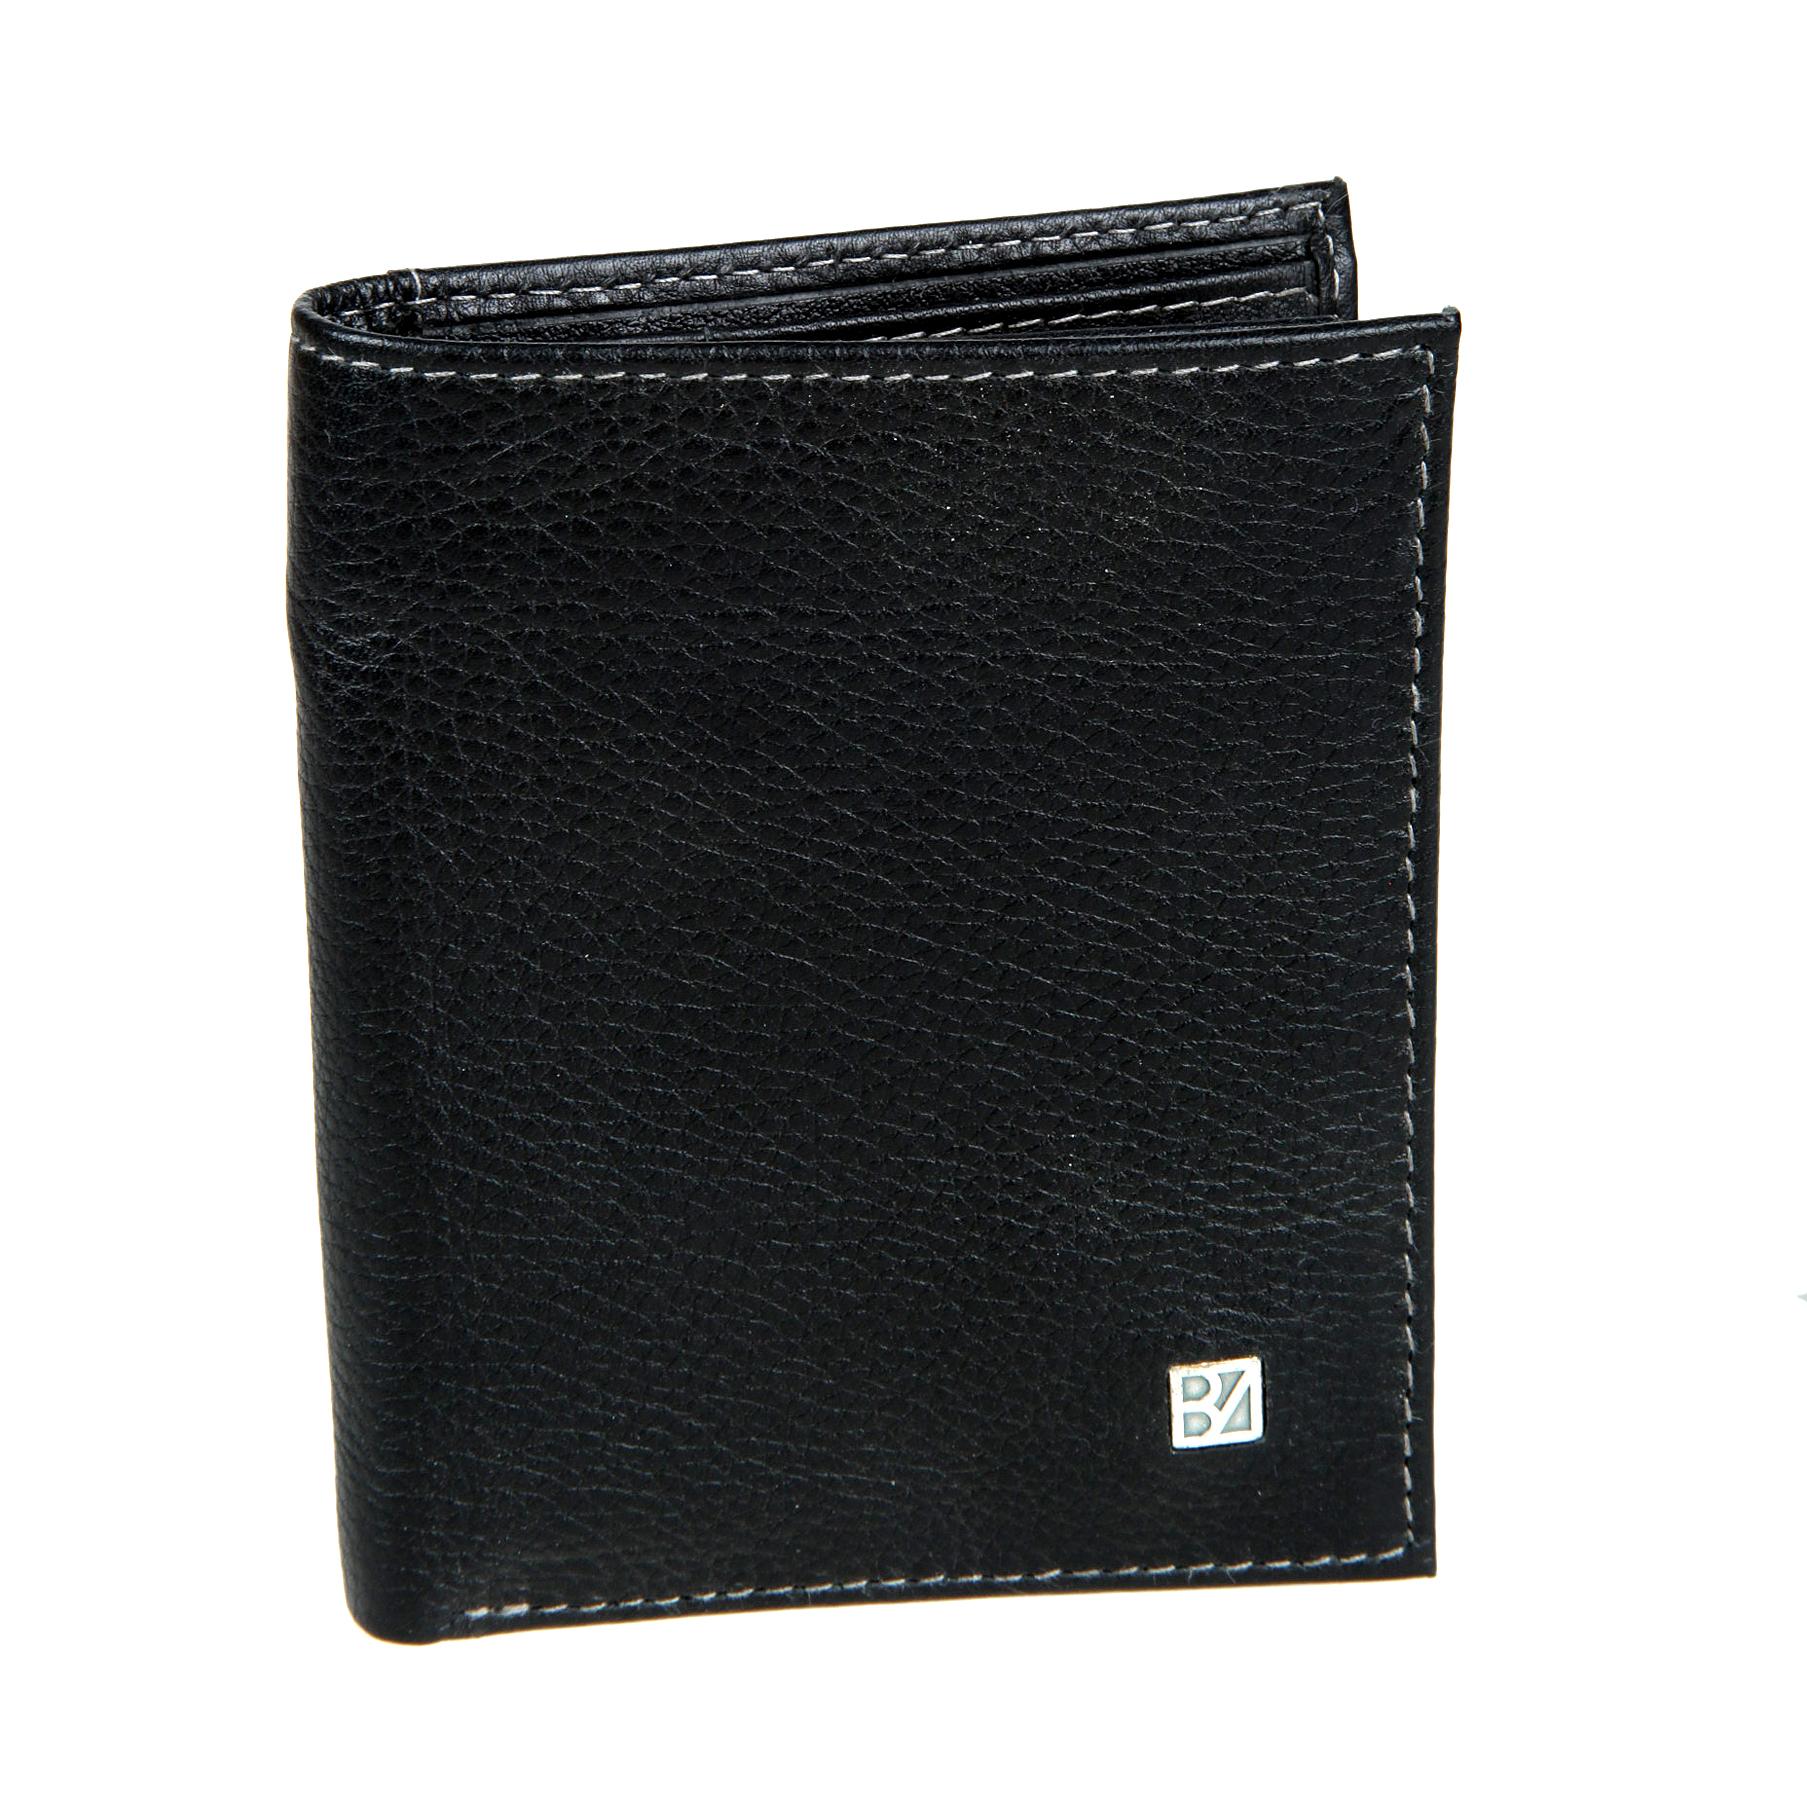 Портмоне мужское Bodenschatz, цвет: черный. 8-954 black8-954 blackРаскладывается пополам, внутри один отдел для купюр, три потайных кармана, восемь кармашков для пластиковых карт, снаружи на задней стенке кармашек для бумаг.